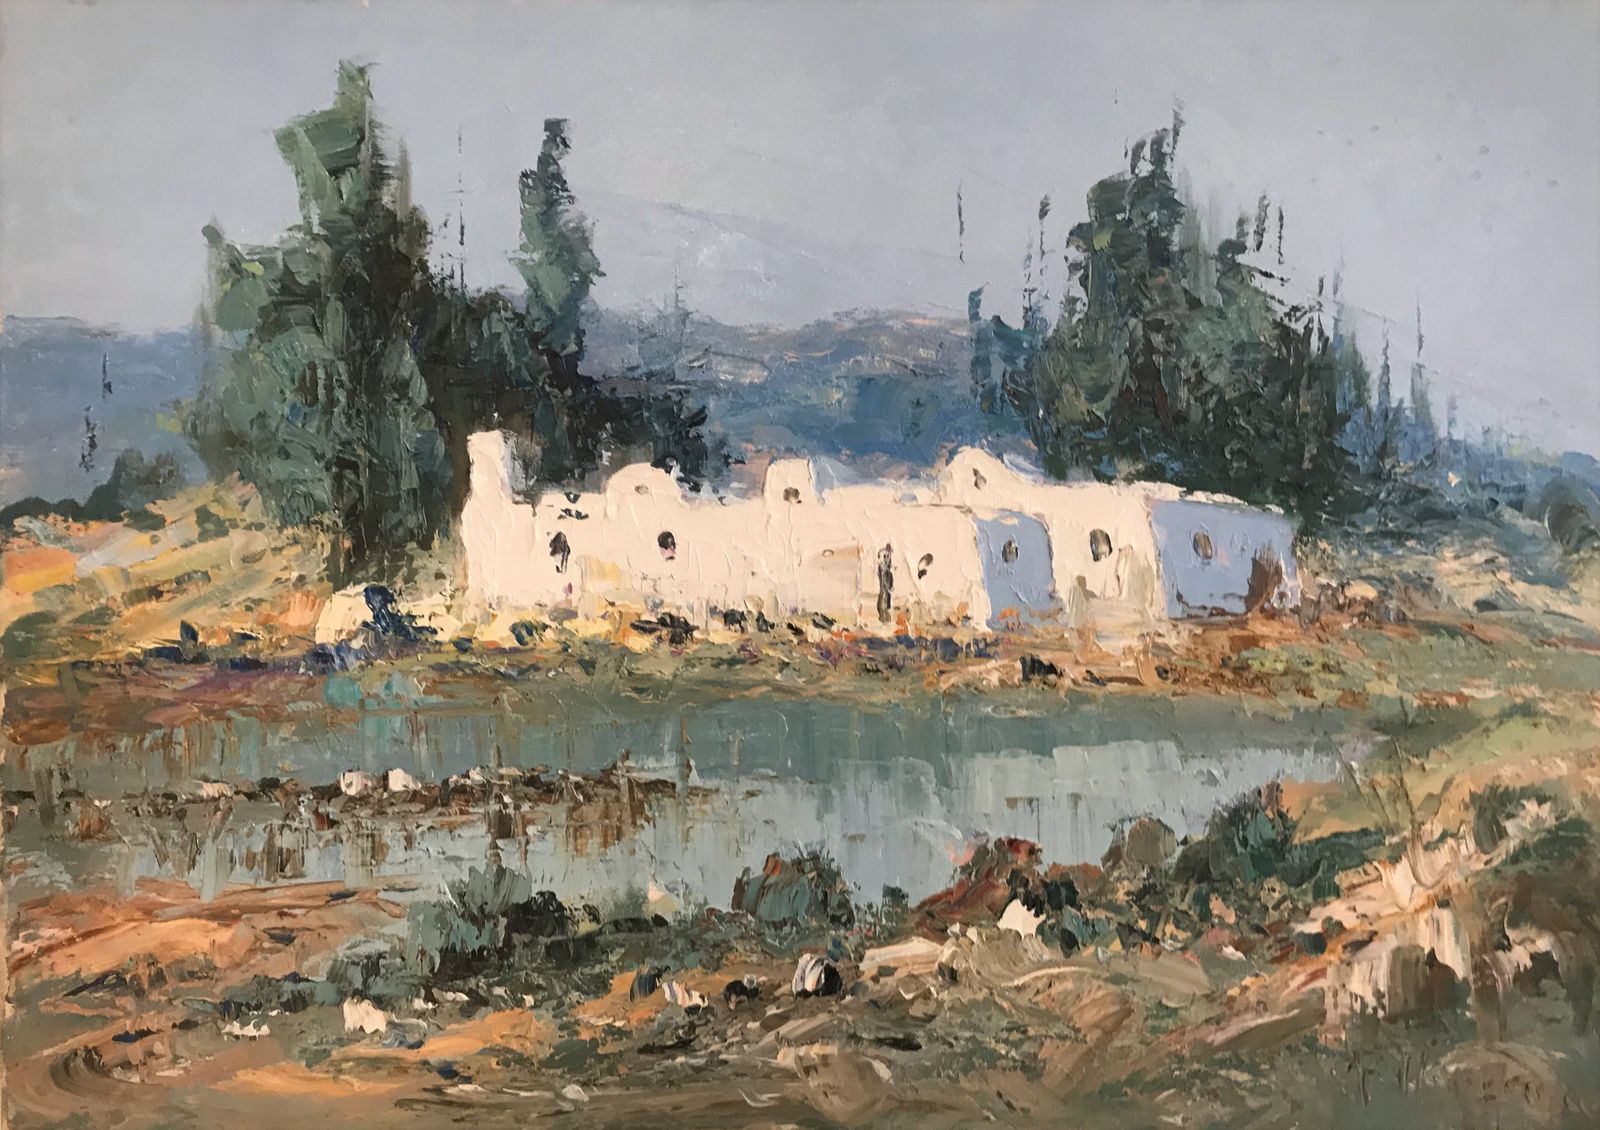 Φανή Παρλαπάνη 50×70 εκ. Λάδια σε καμβά Fani Parlapani 50×70 cm Oils on canvas (9)